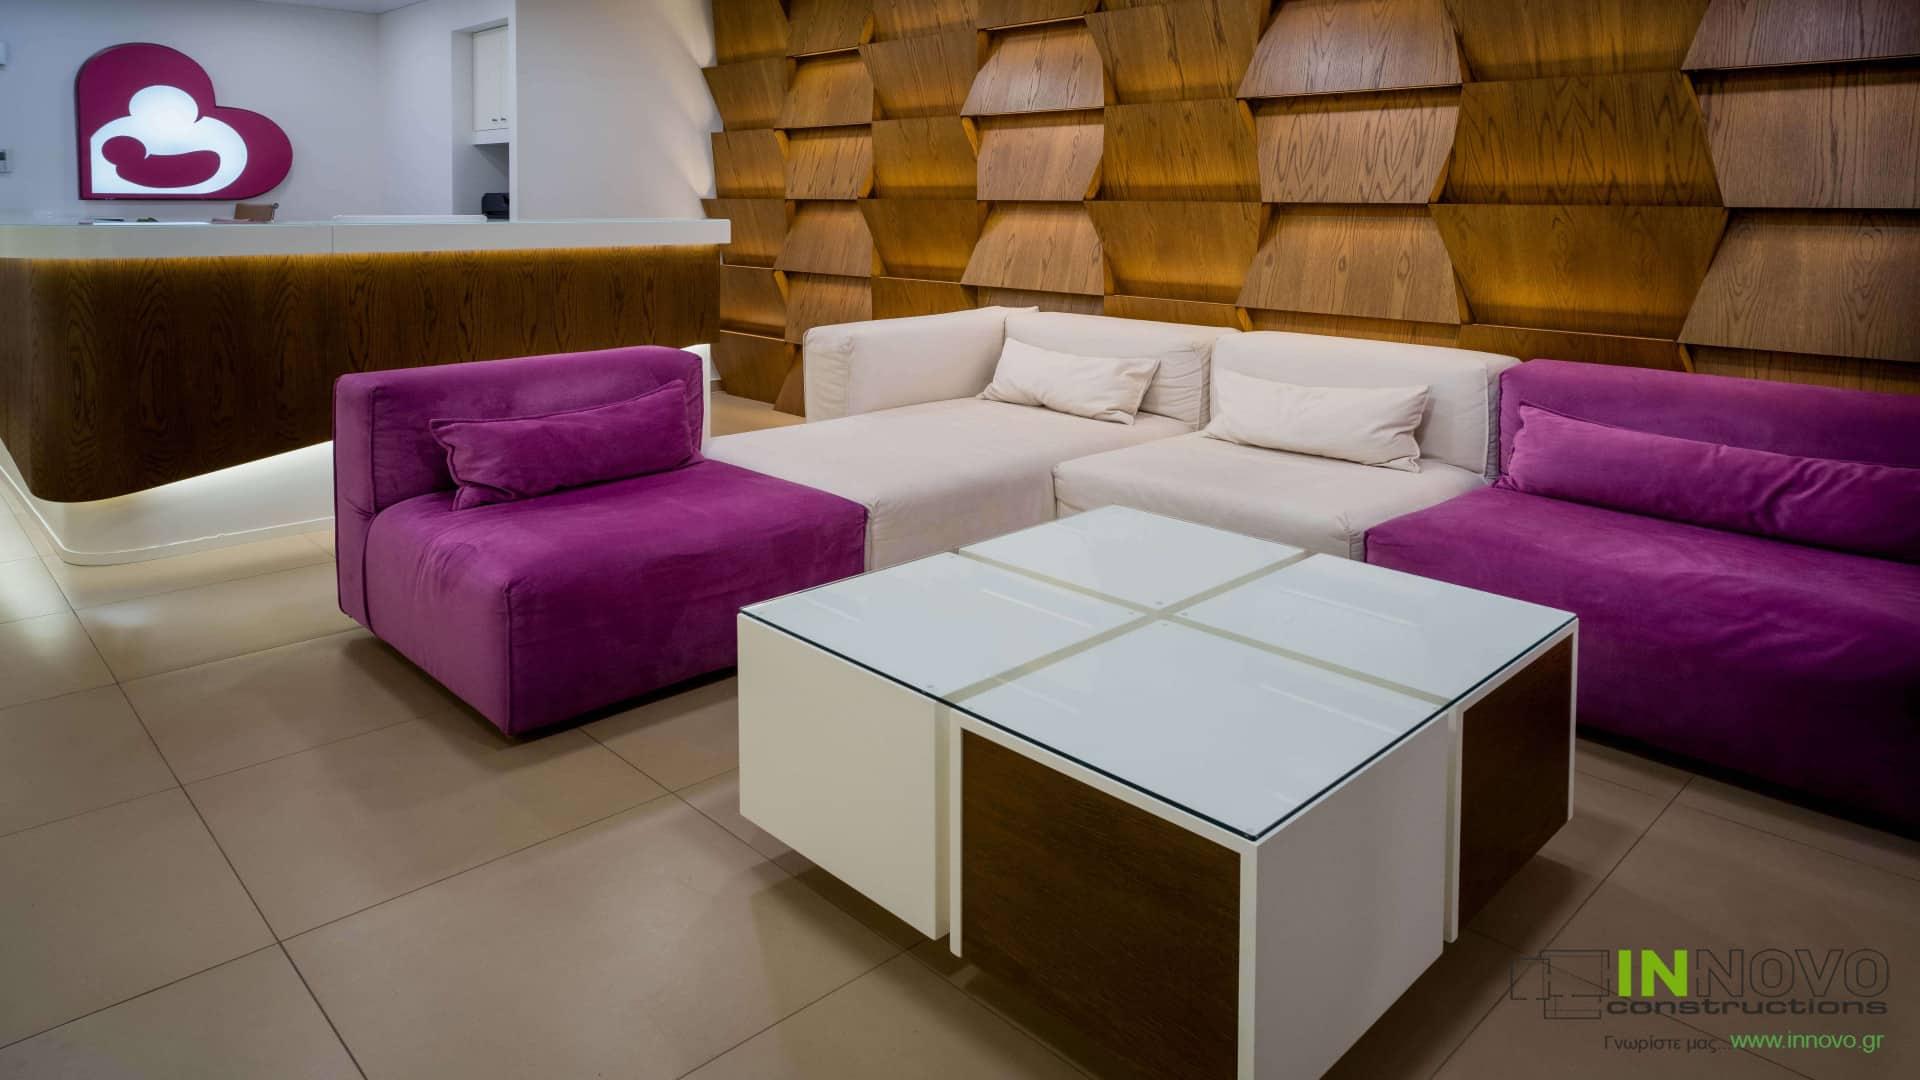 κατασκευη-γυναικολογικου-ιατρειου-πειραιας-gynecologist-clinics-construction-piraeus-8